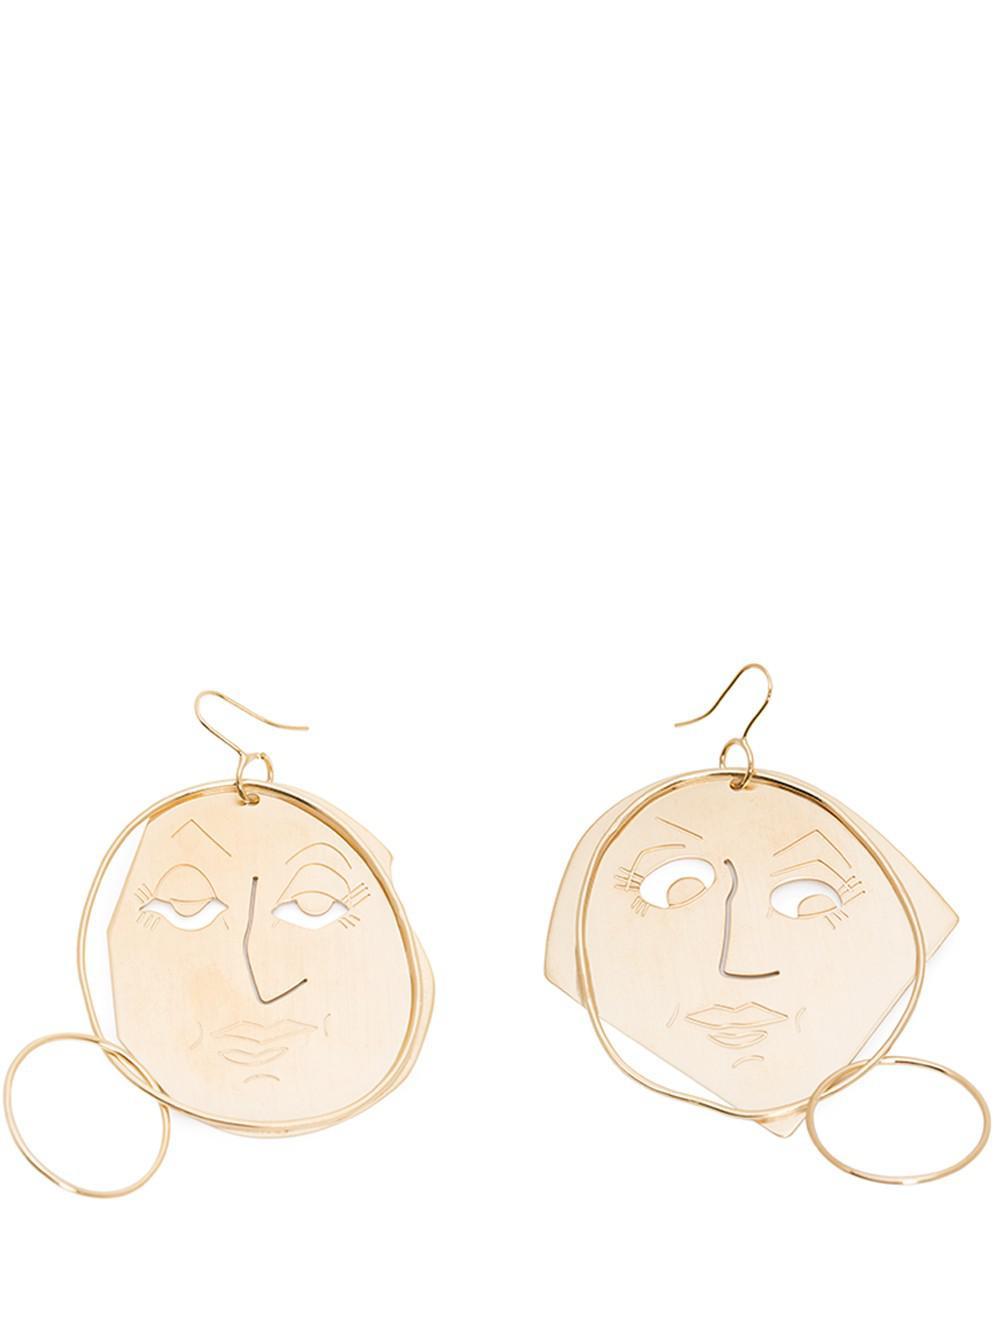 Moon Face Earrings in Sapphire Eco Brass J.W.Anderson sB2T6SmAoJ